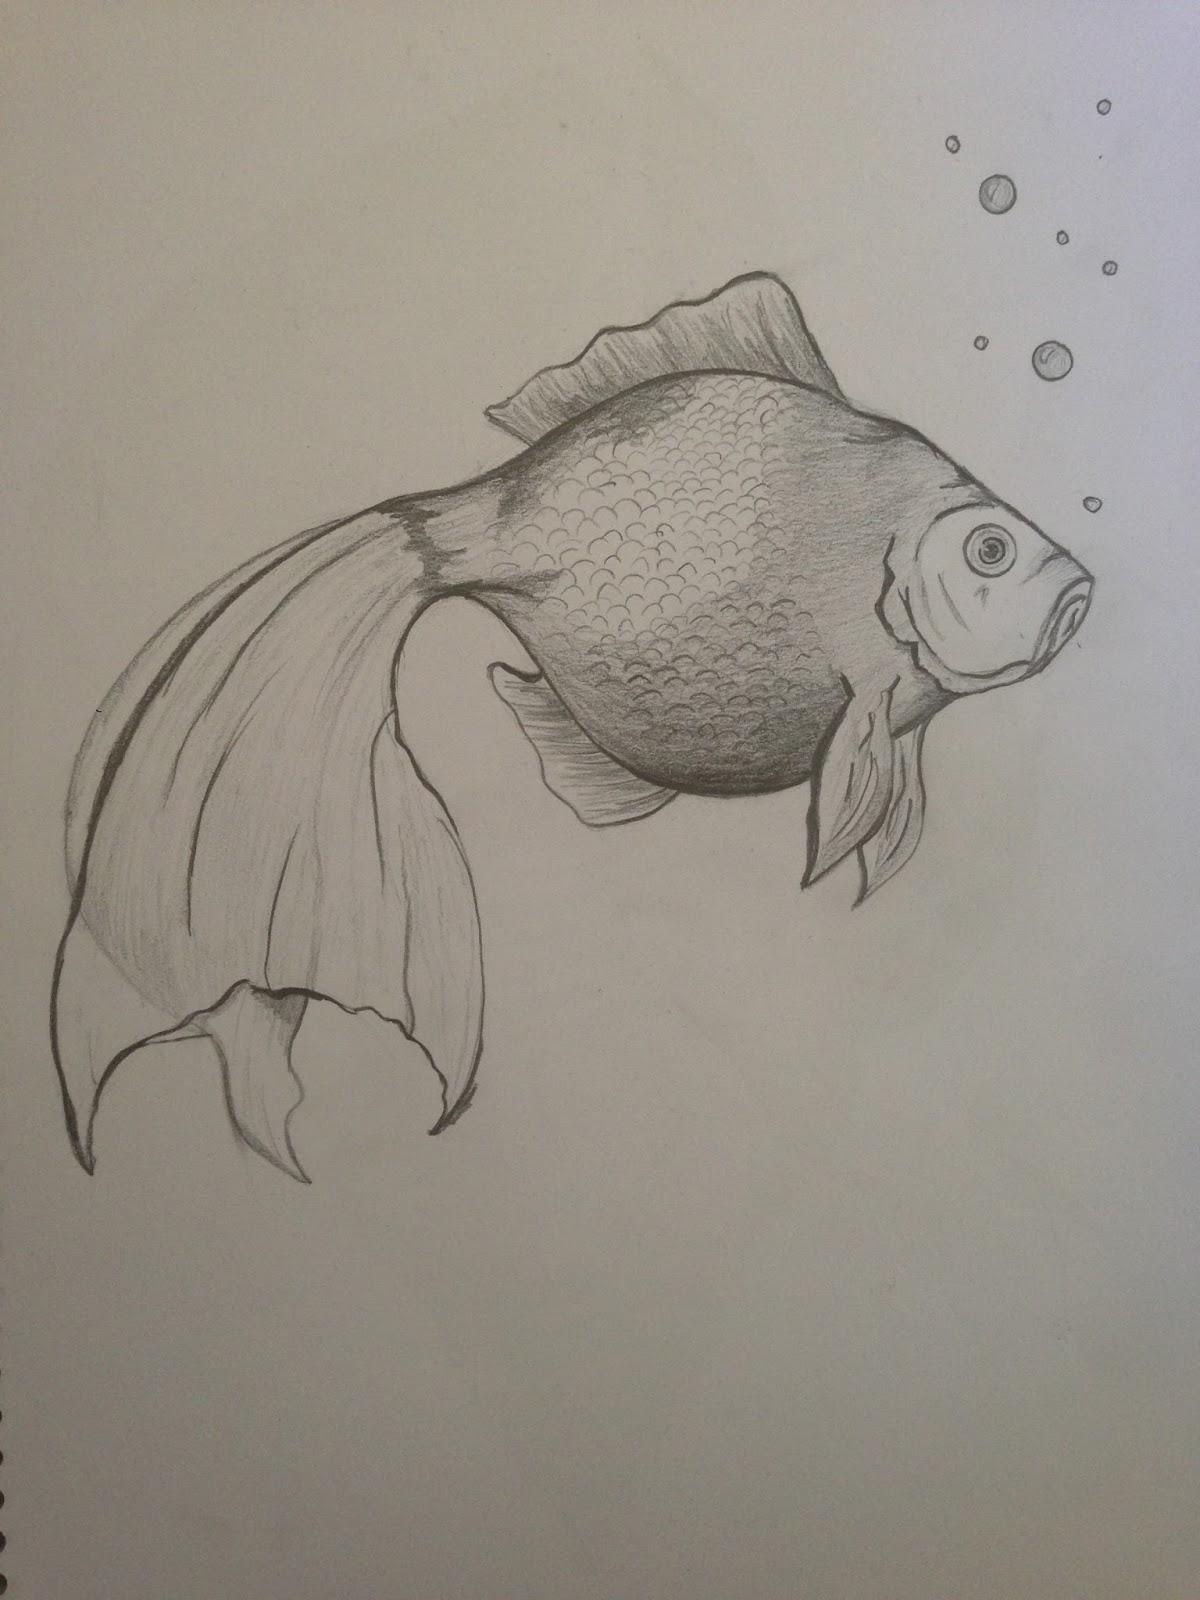 Arte Para Principiantes Dibujo En Lapiz - Dibujos-a-lapiz-para-principiantes